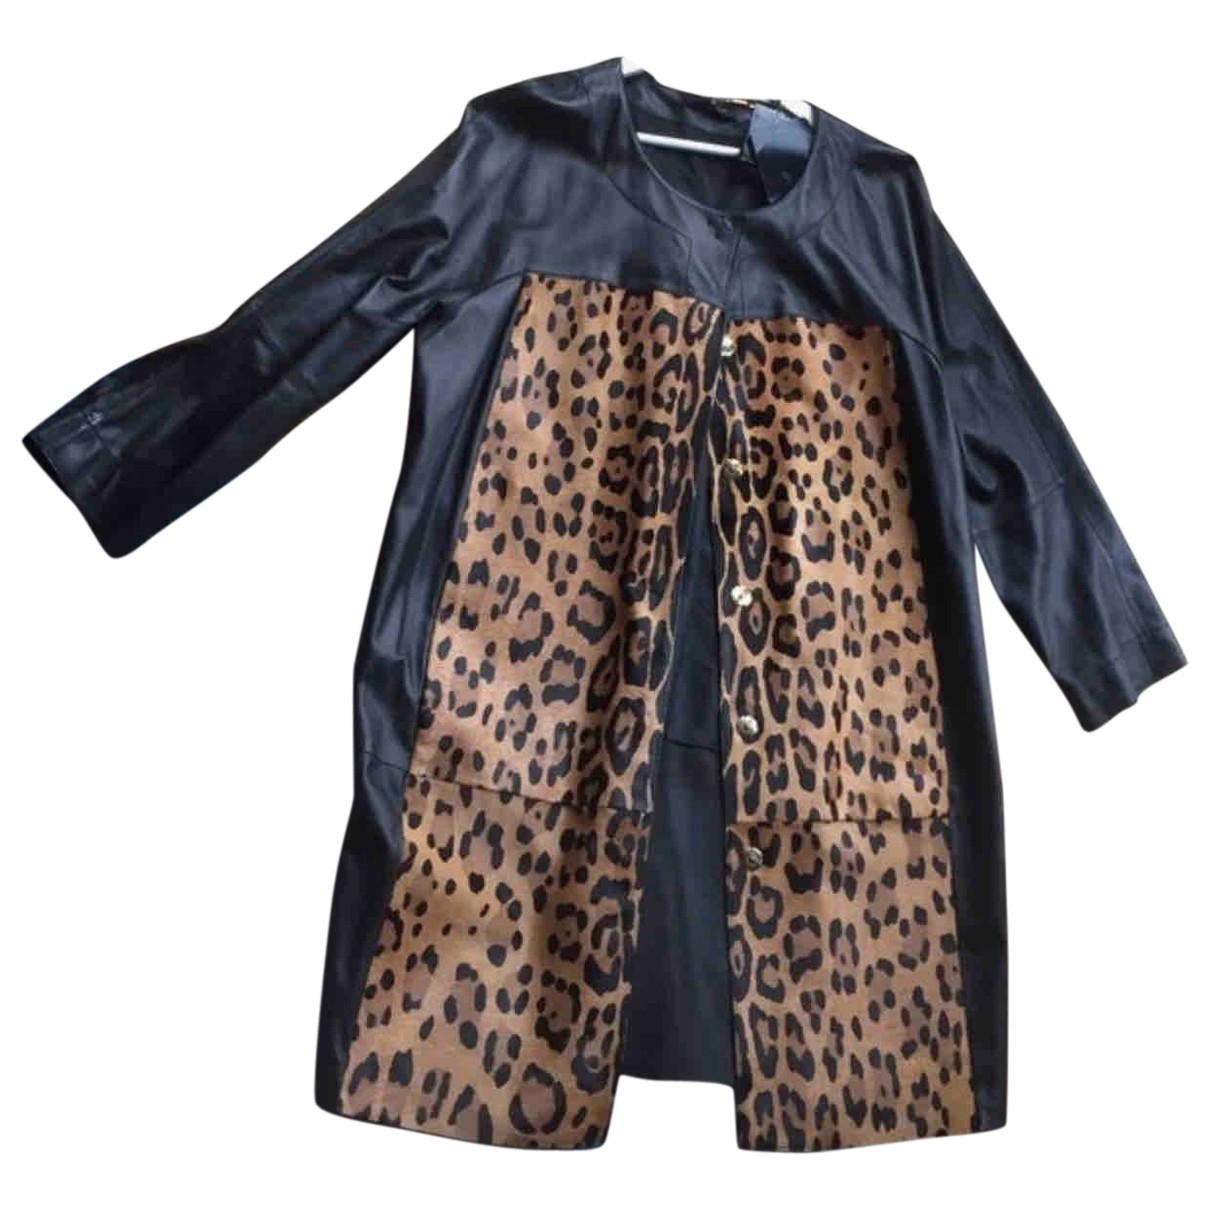 Escada \N Black Leather jacket for Women 46 FR